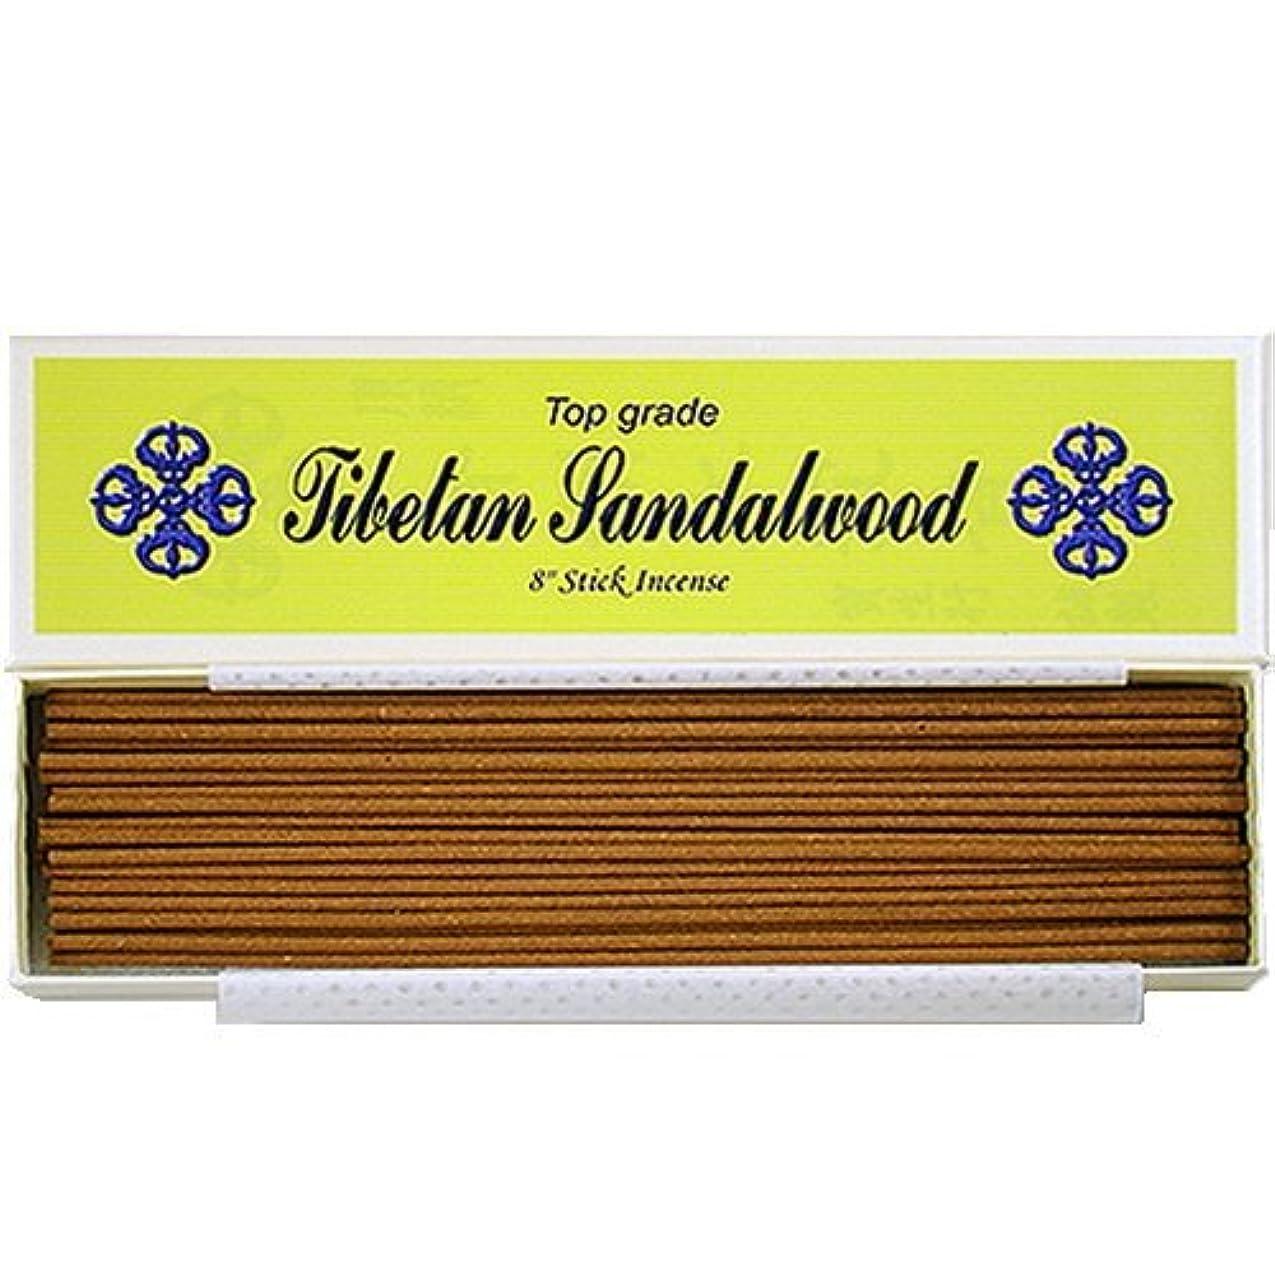 ストラップクリーナー先8 Top Grade Tibetan Sandalwood Stick Incense - 100% Natural - J007Tr-r1 [並行輸入品]